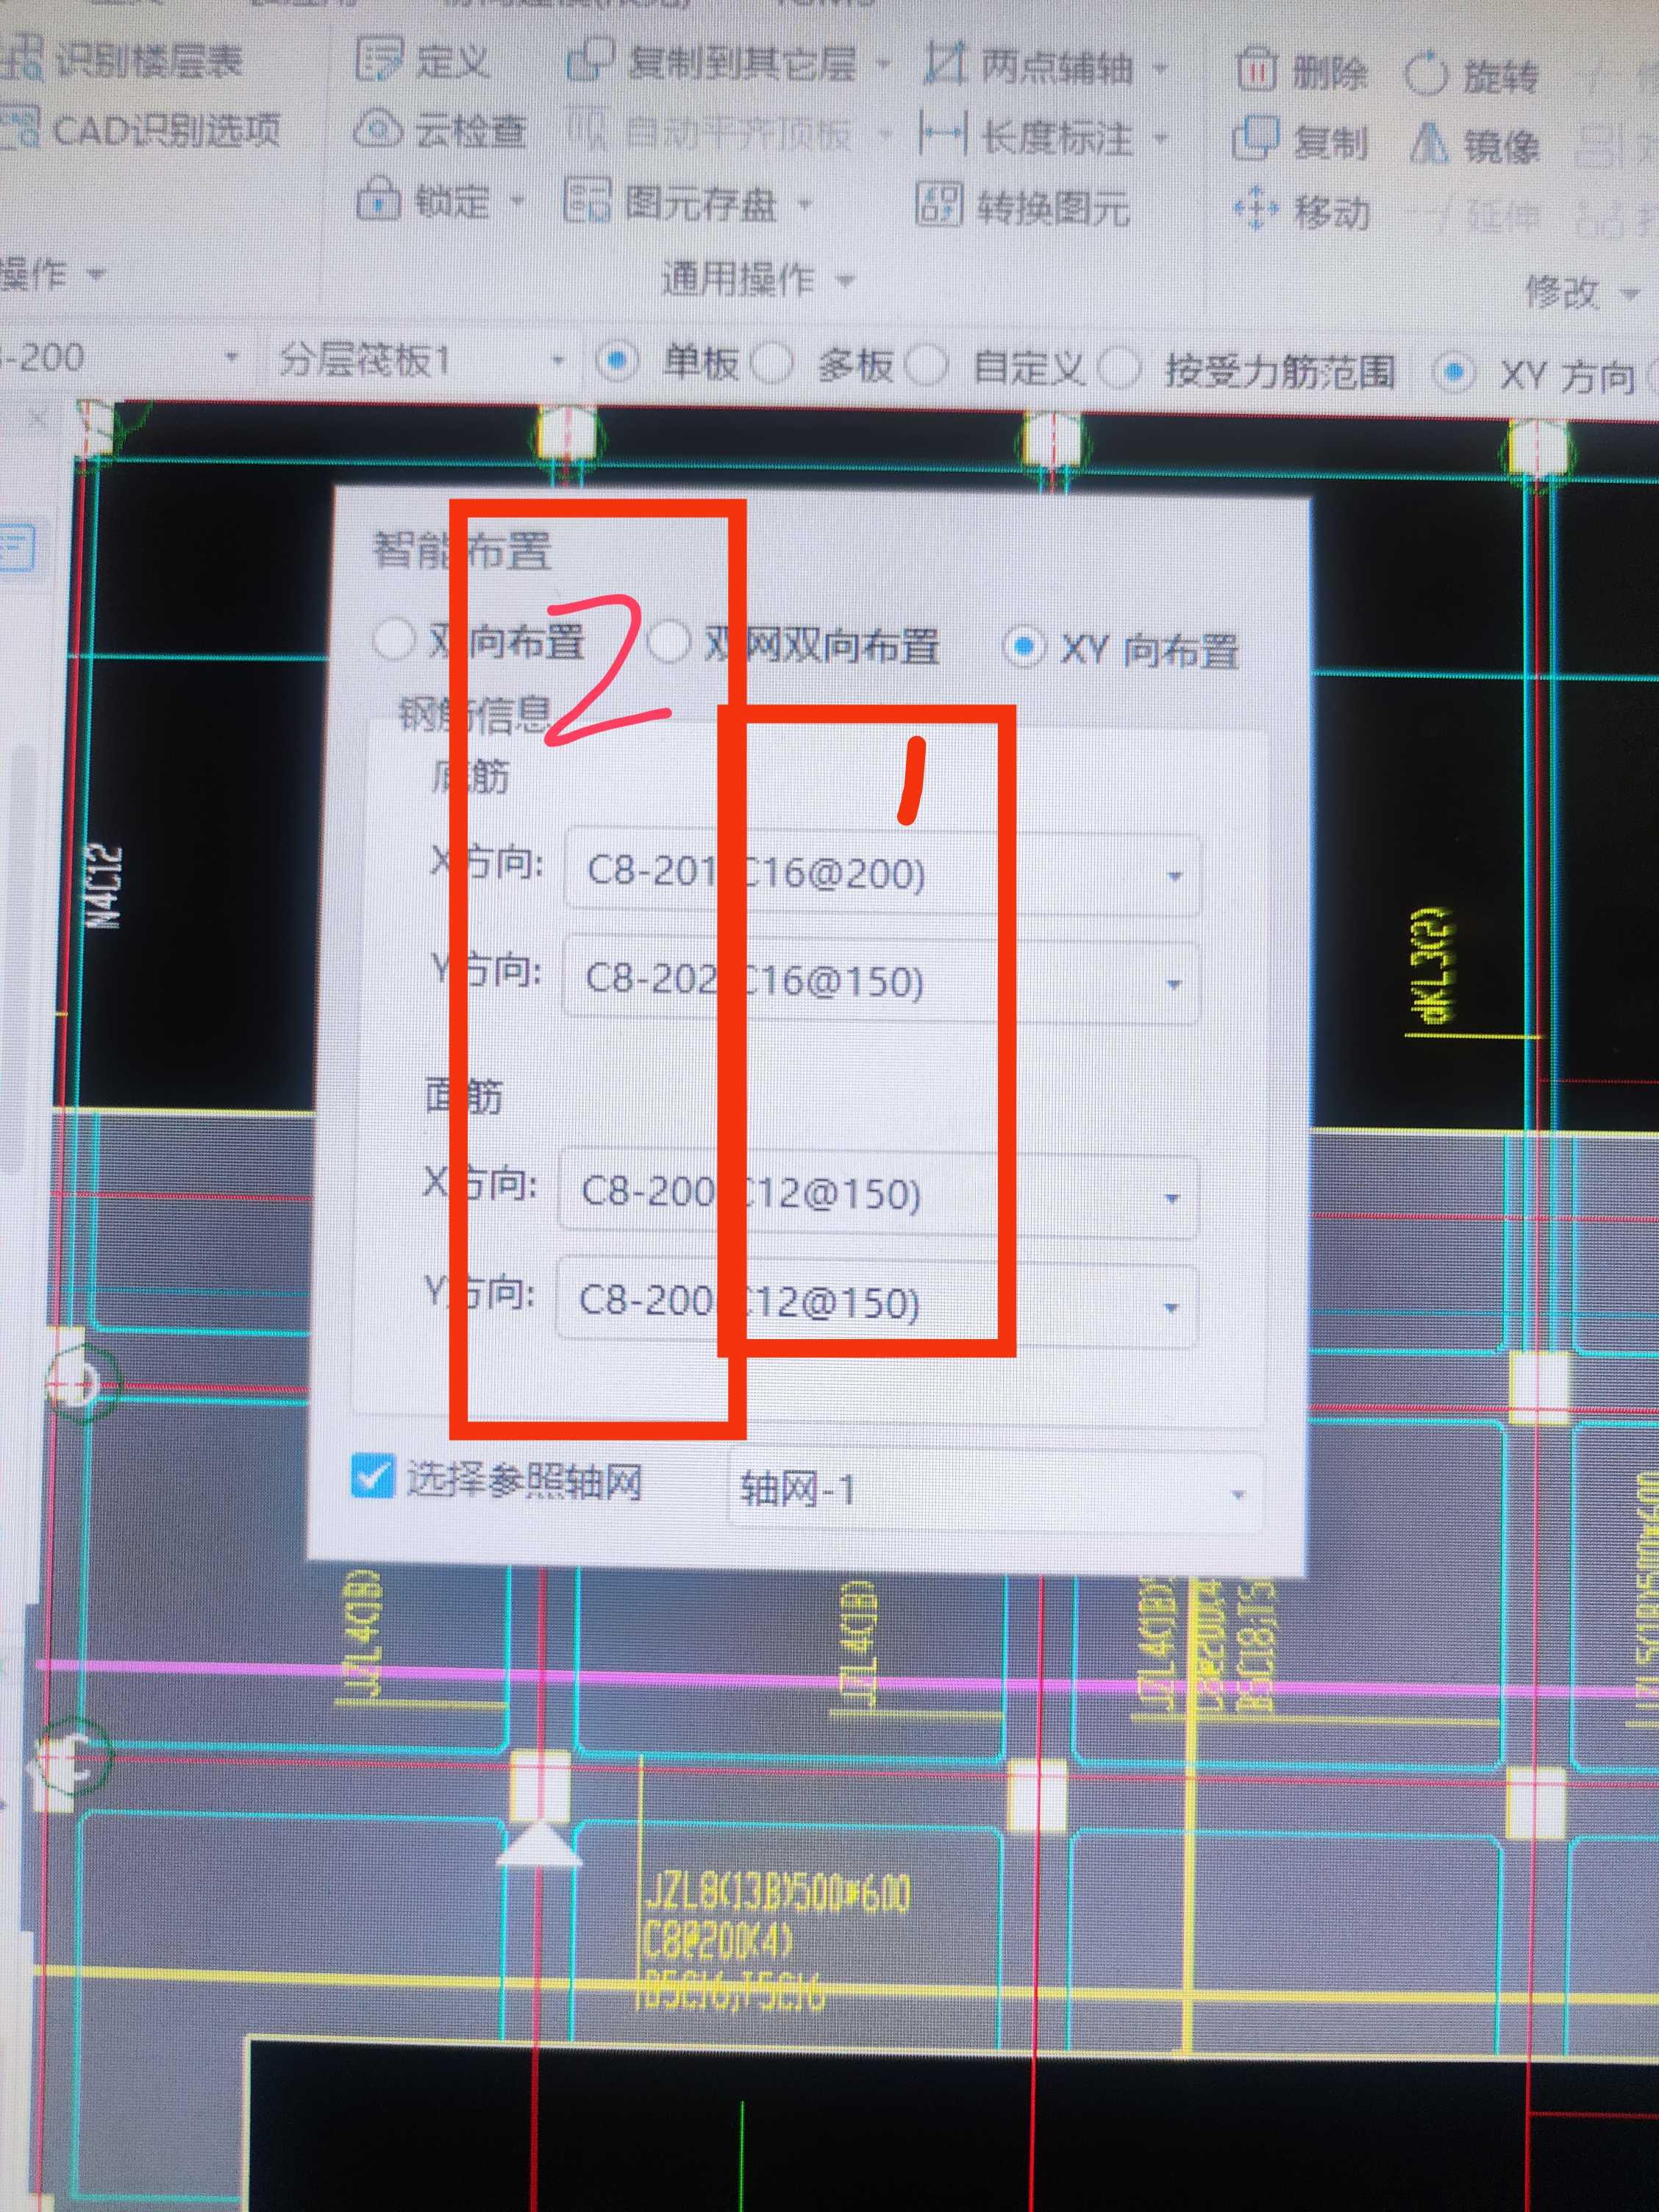 土建,土建计量GTJ,湖北,答疑:填写的1,筏板布置后自动添加的2,和1不同,哪里没设置好?还是本来就是这样?-湖北土建,土建计量GTJ,